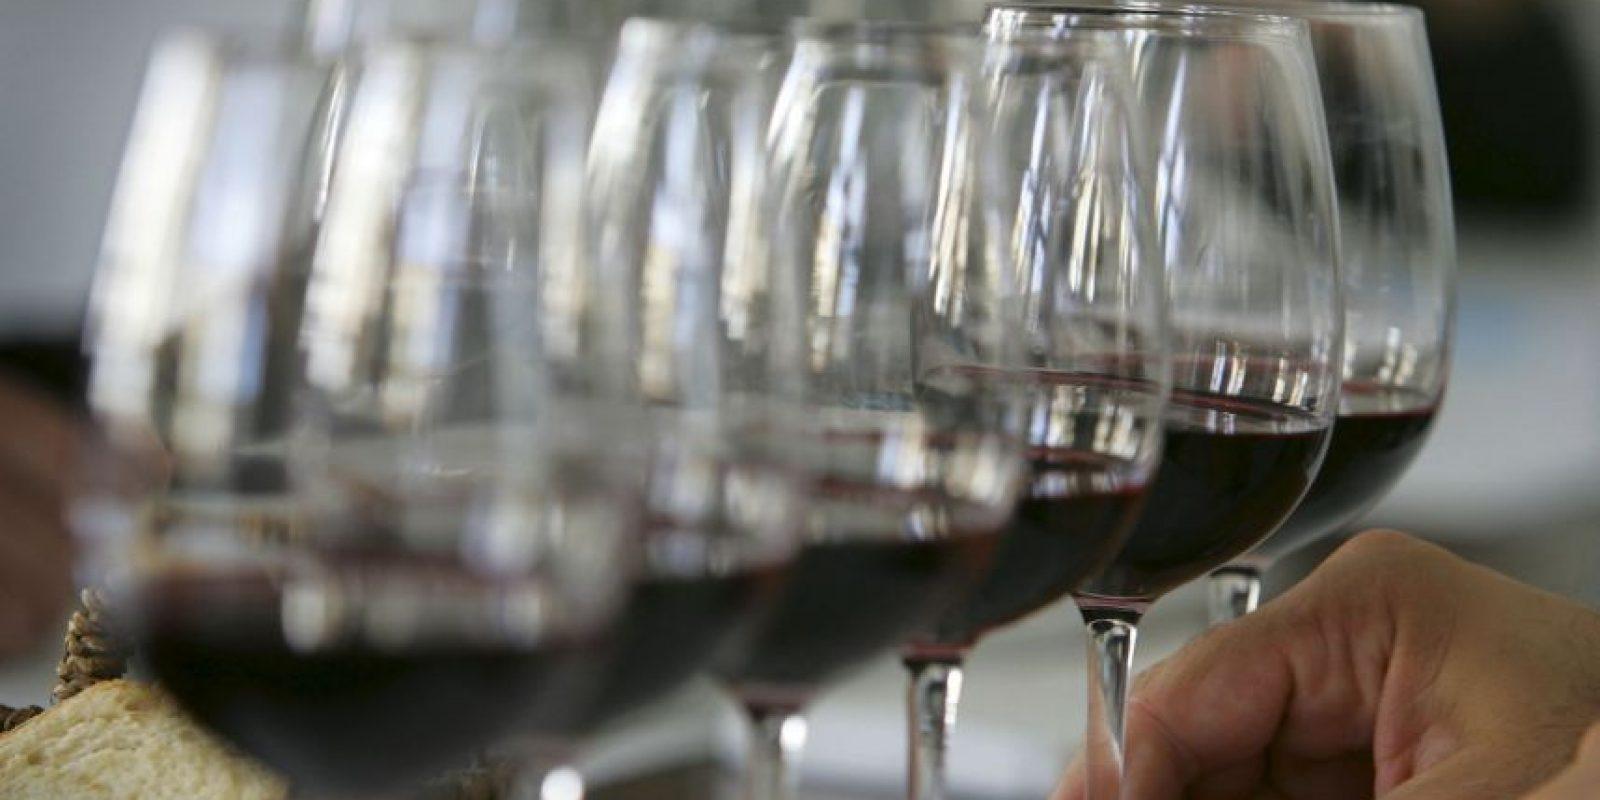 También es limpiador de paladar: Tomado durante la comida, el vino ayuda a percibir mejor los sabores que cuando esta se acompaña con agua. Foto:Getty Images